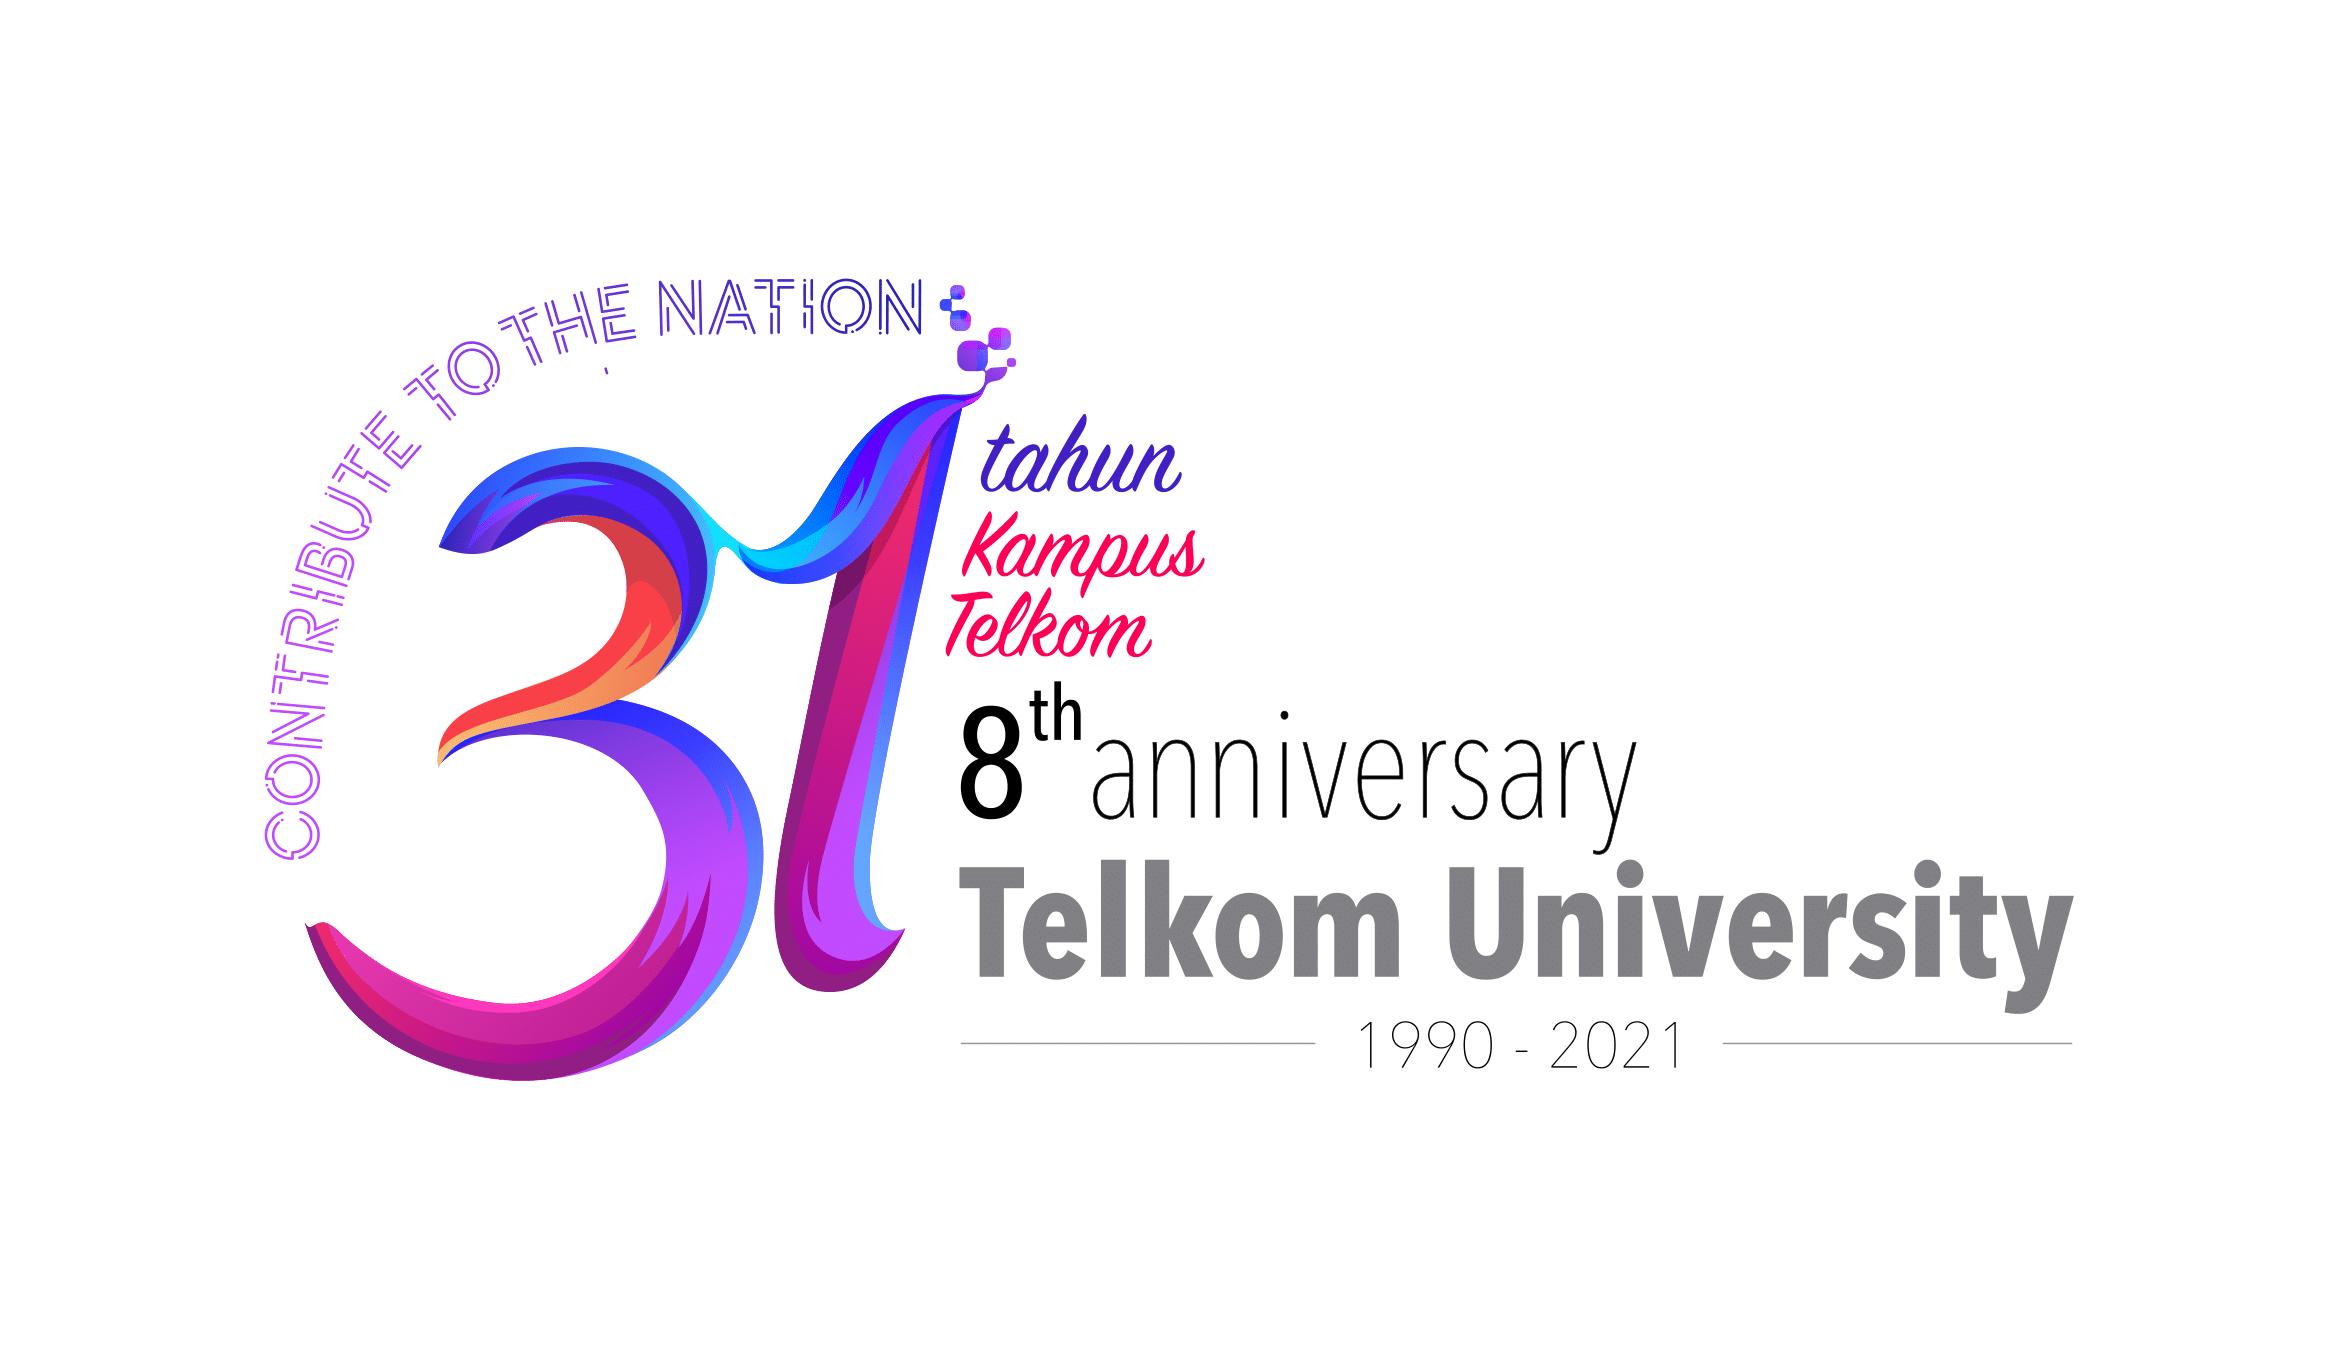 Telkom University Anniversary Logo